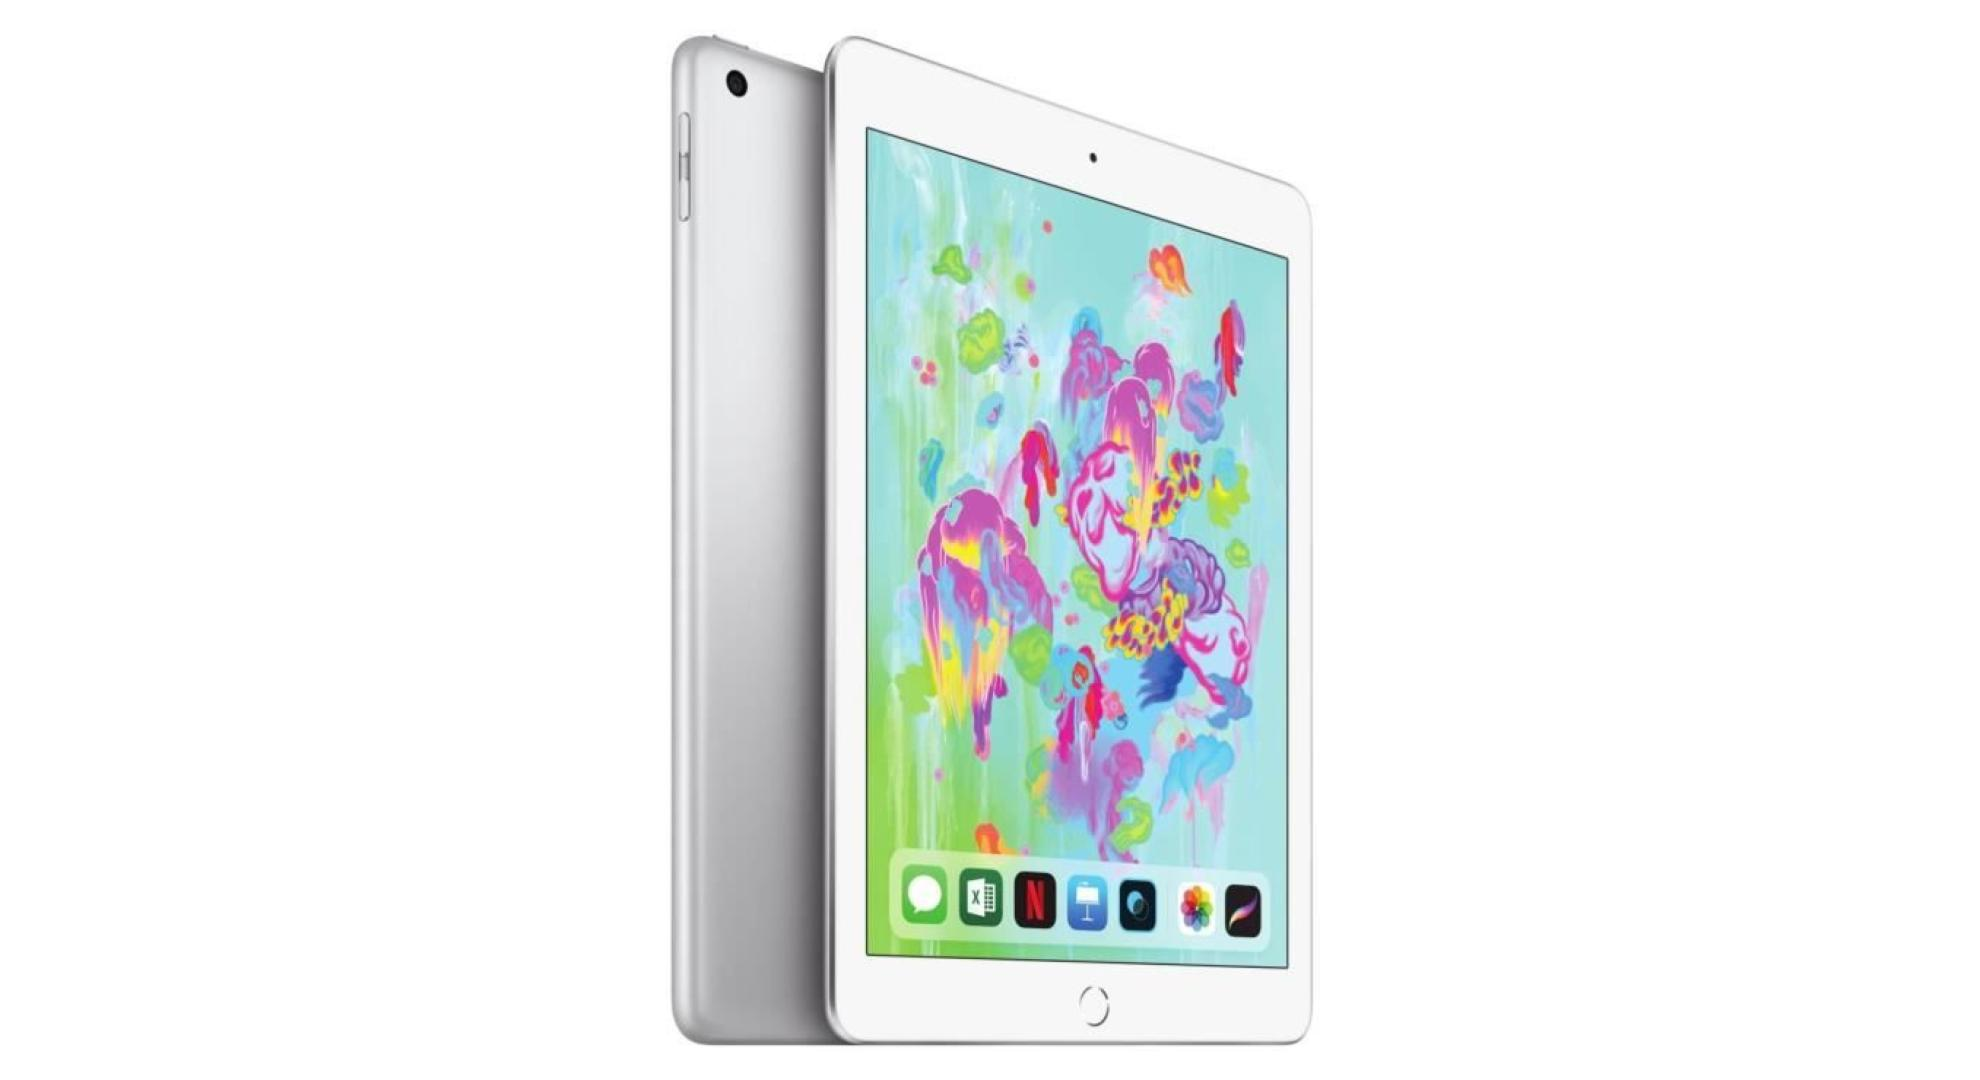 763f8e165003 Commercialisé à 358 euros sur l'Apple Store français, l'Apple iPad 2018 est  aujourd'hui disponible à 299 euros sur Cdiscount grâce aux diverses  promotions ...